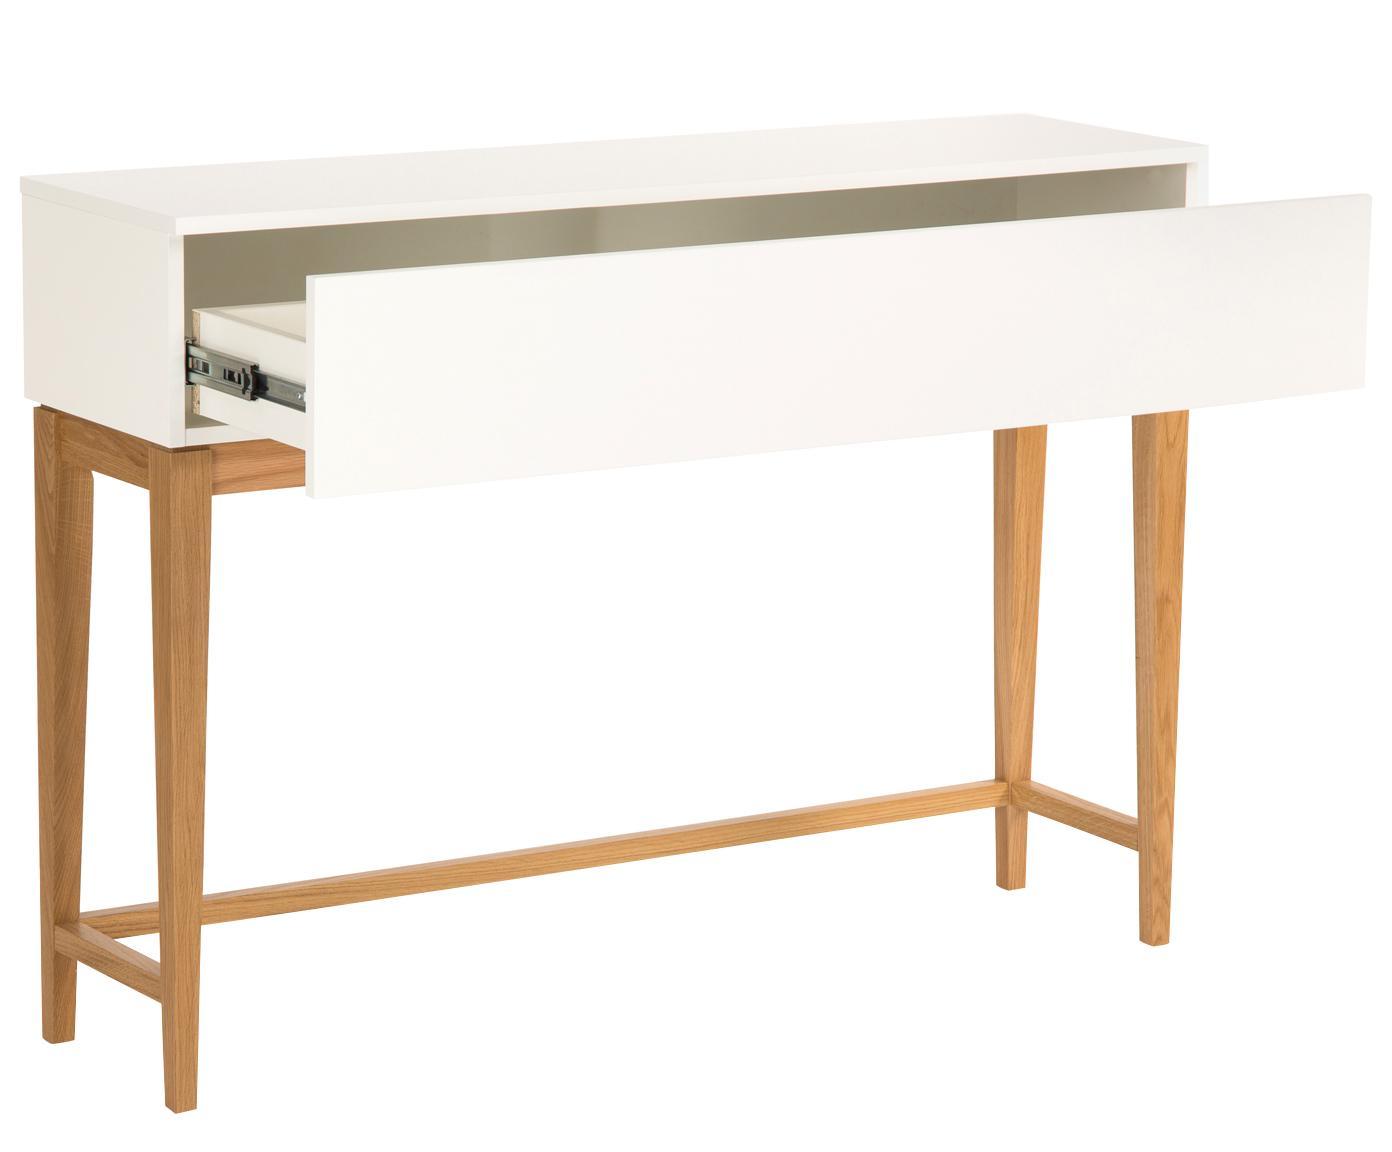 Konsole Blanco mit Schublade, Korpus: Spanplatte, melaminbeschi, Beine: Eichenholz, Weiss, Braun, B 120 x T 32 cm